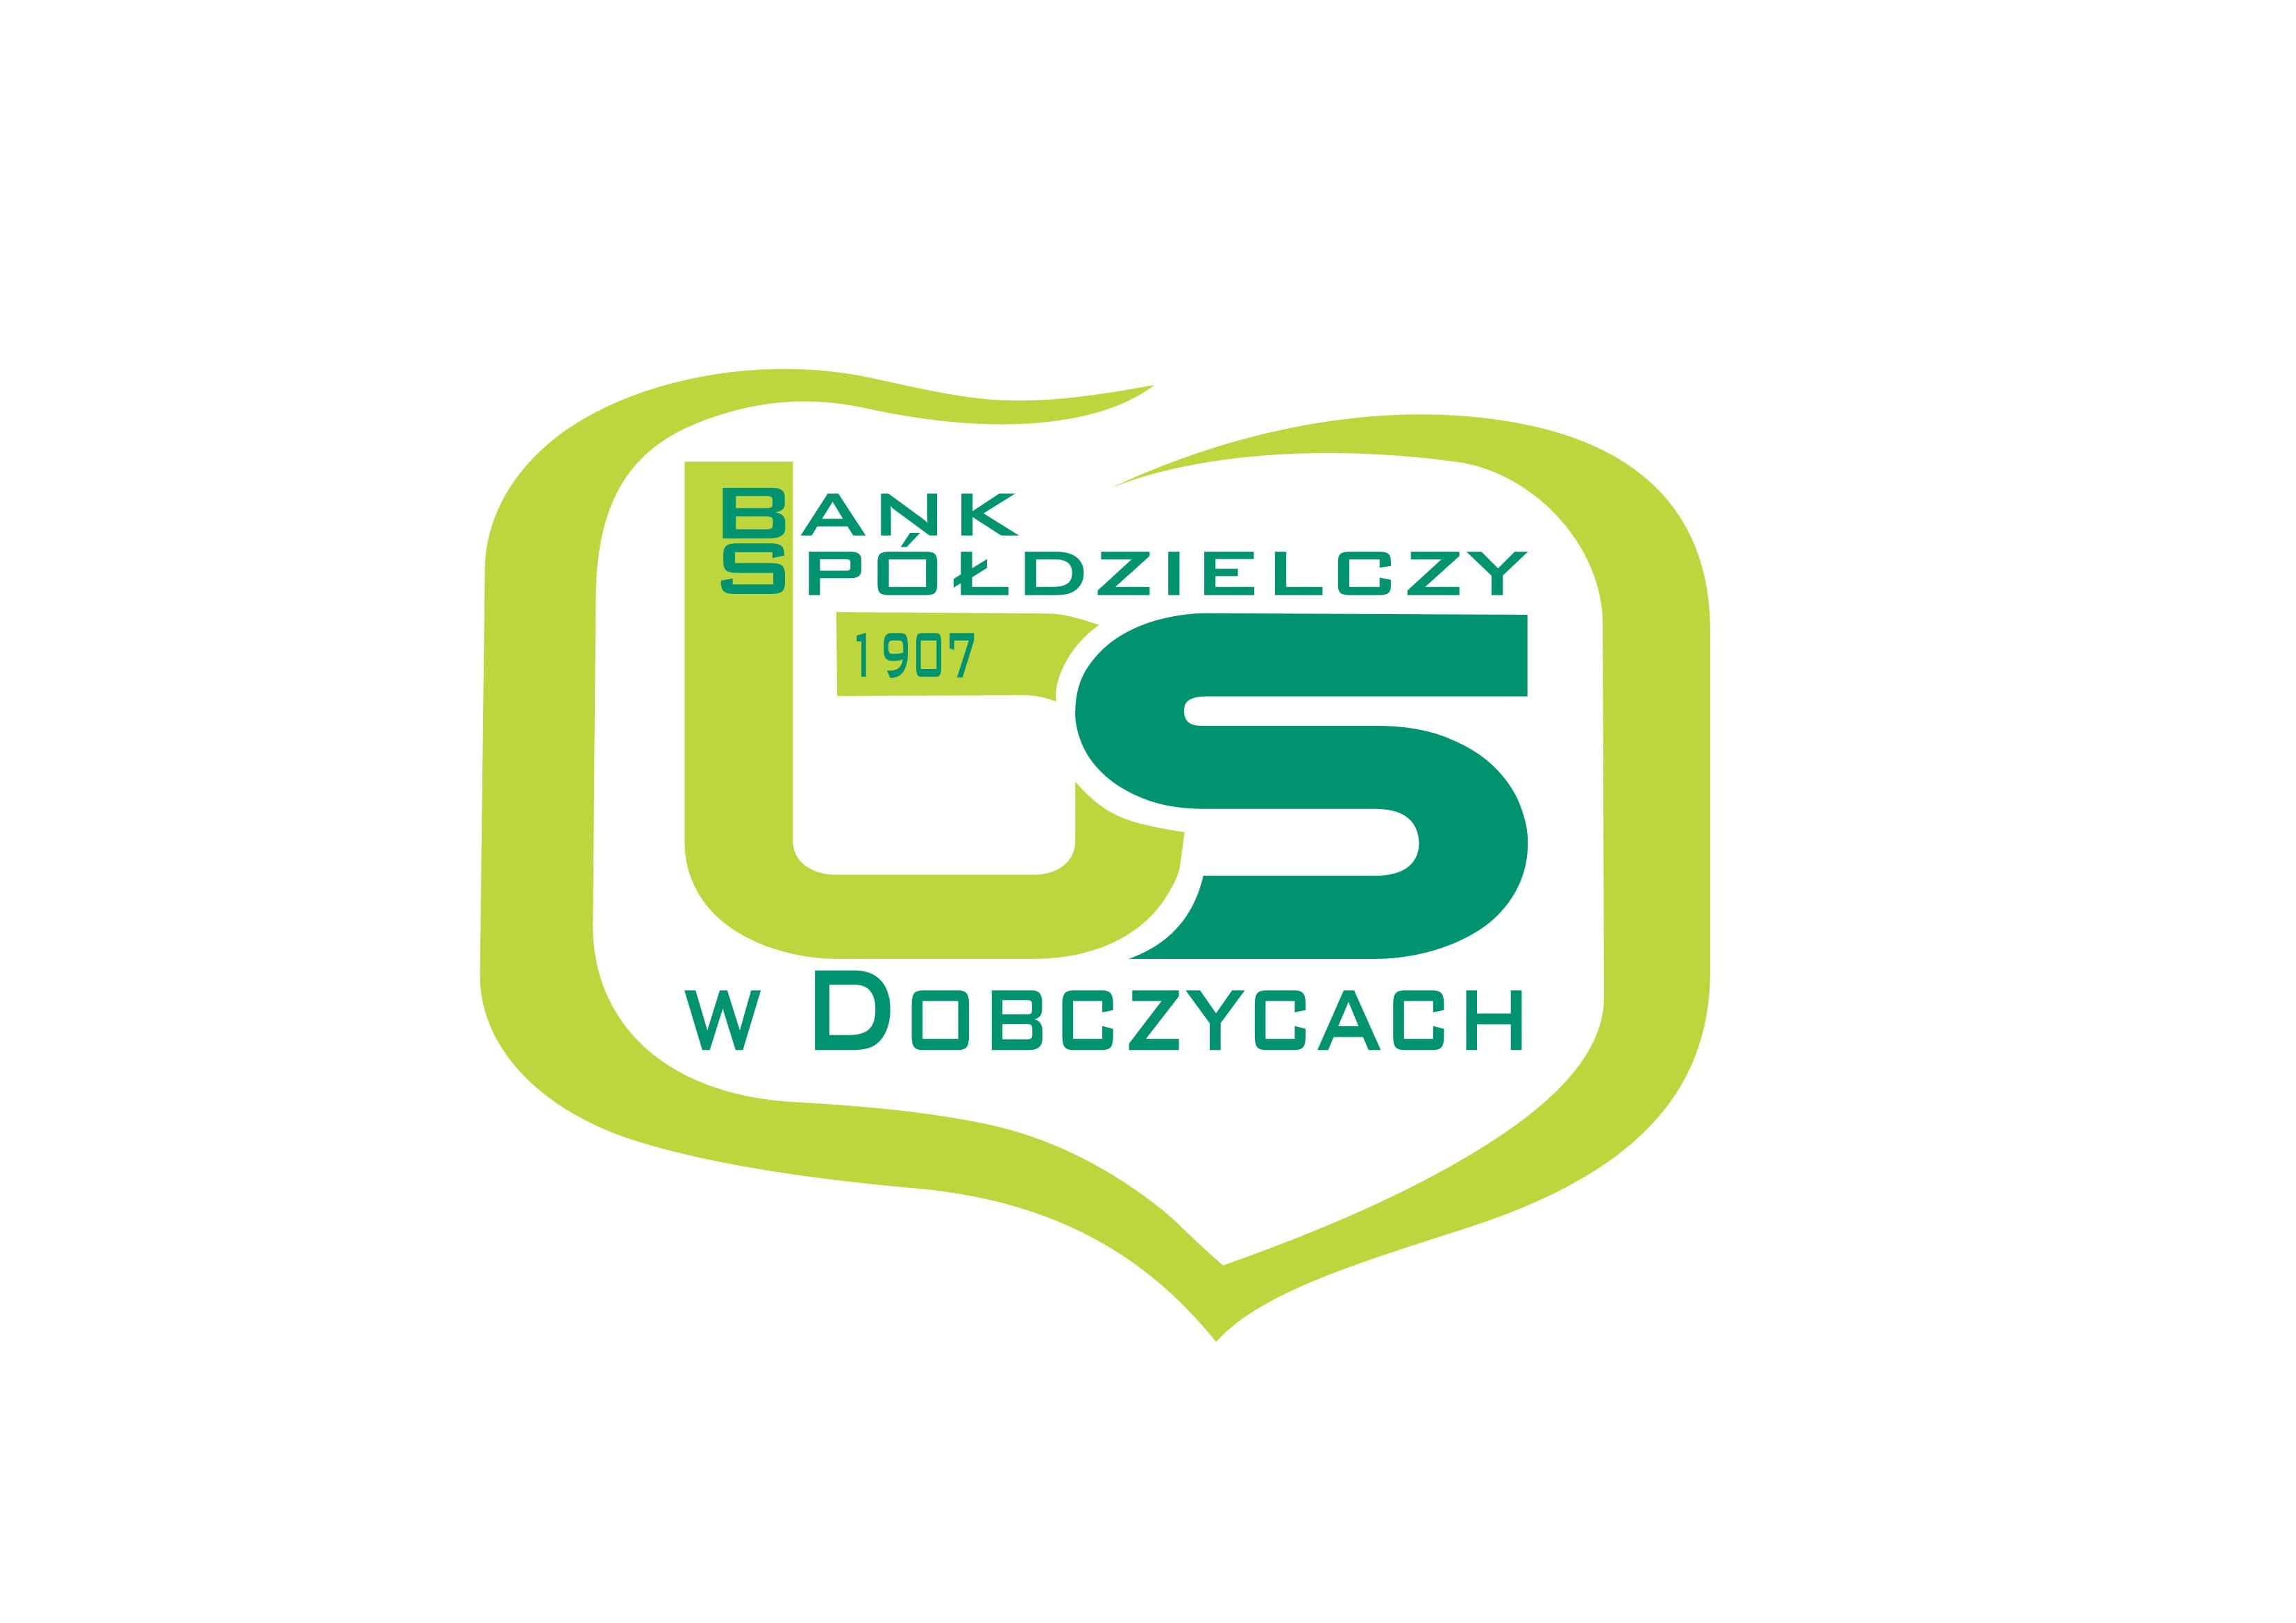 Bank Spółdzielczy w Dobczycach